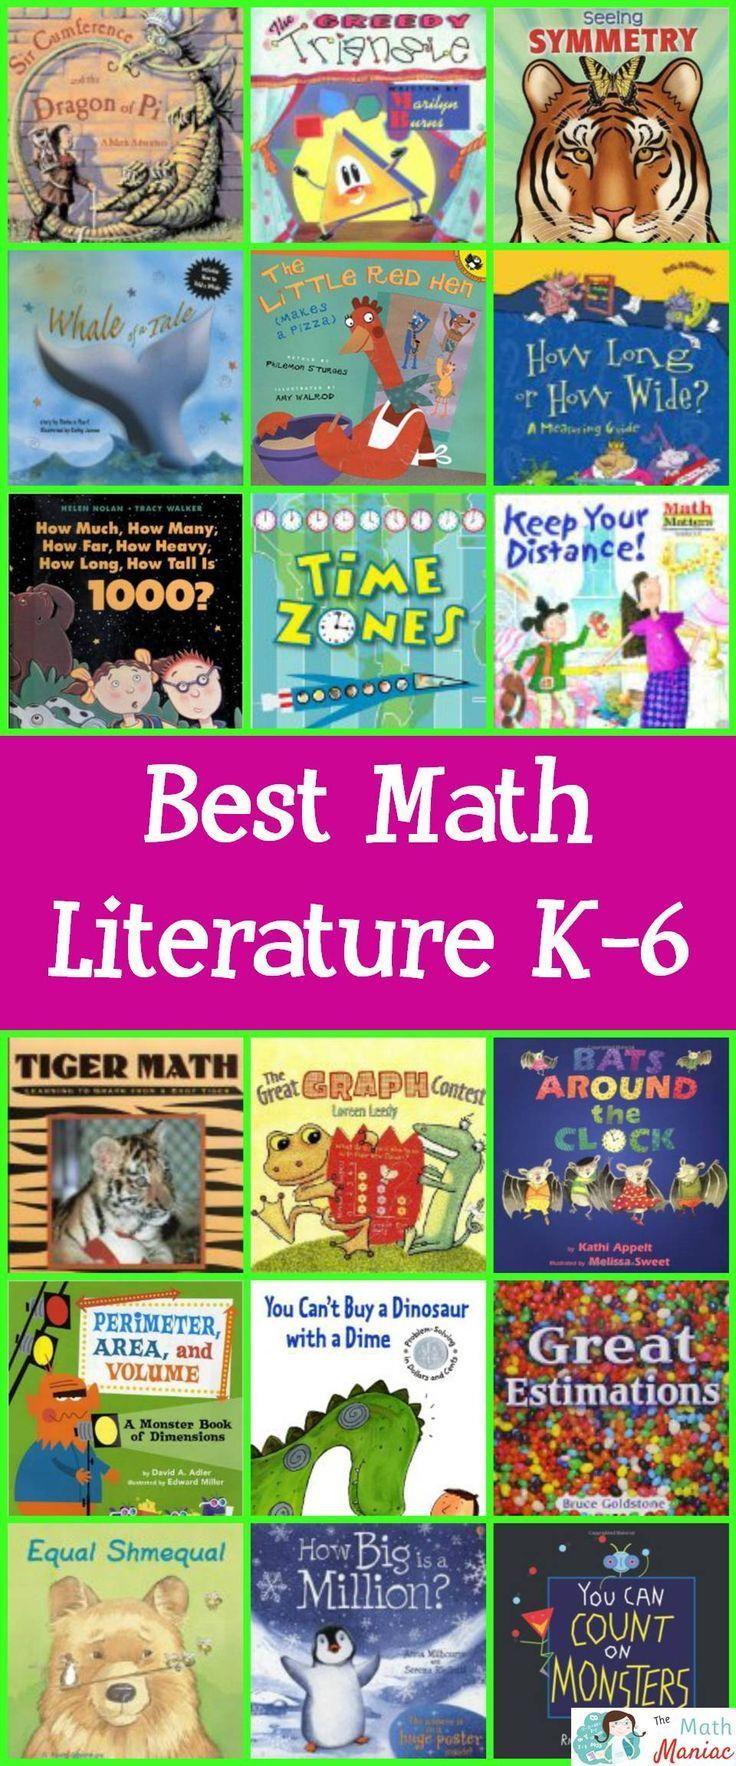 25+ best ideas about Math books on Pinterest | Math literature ...